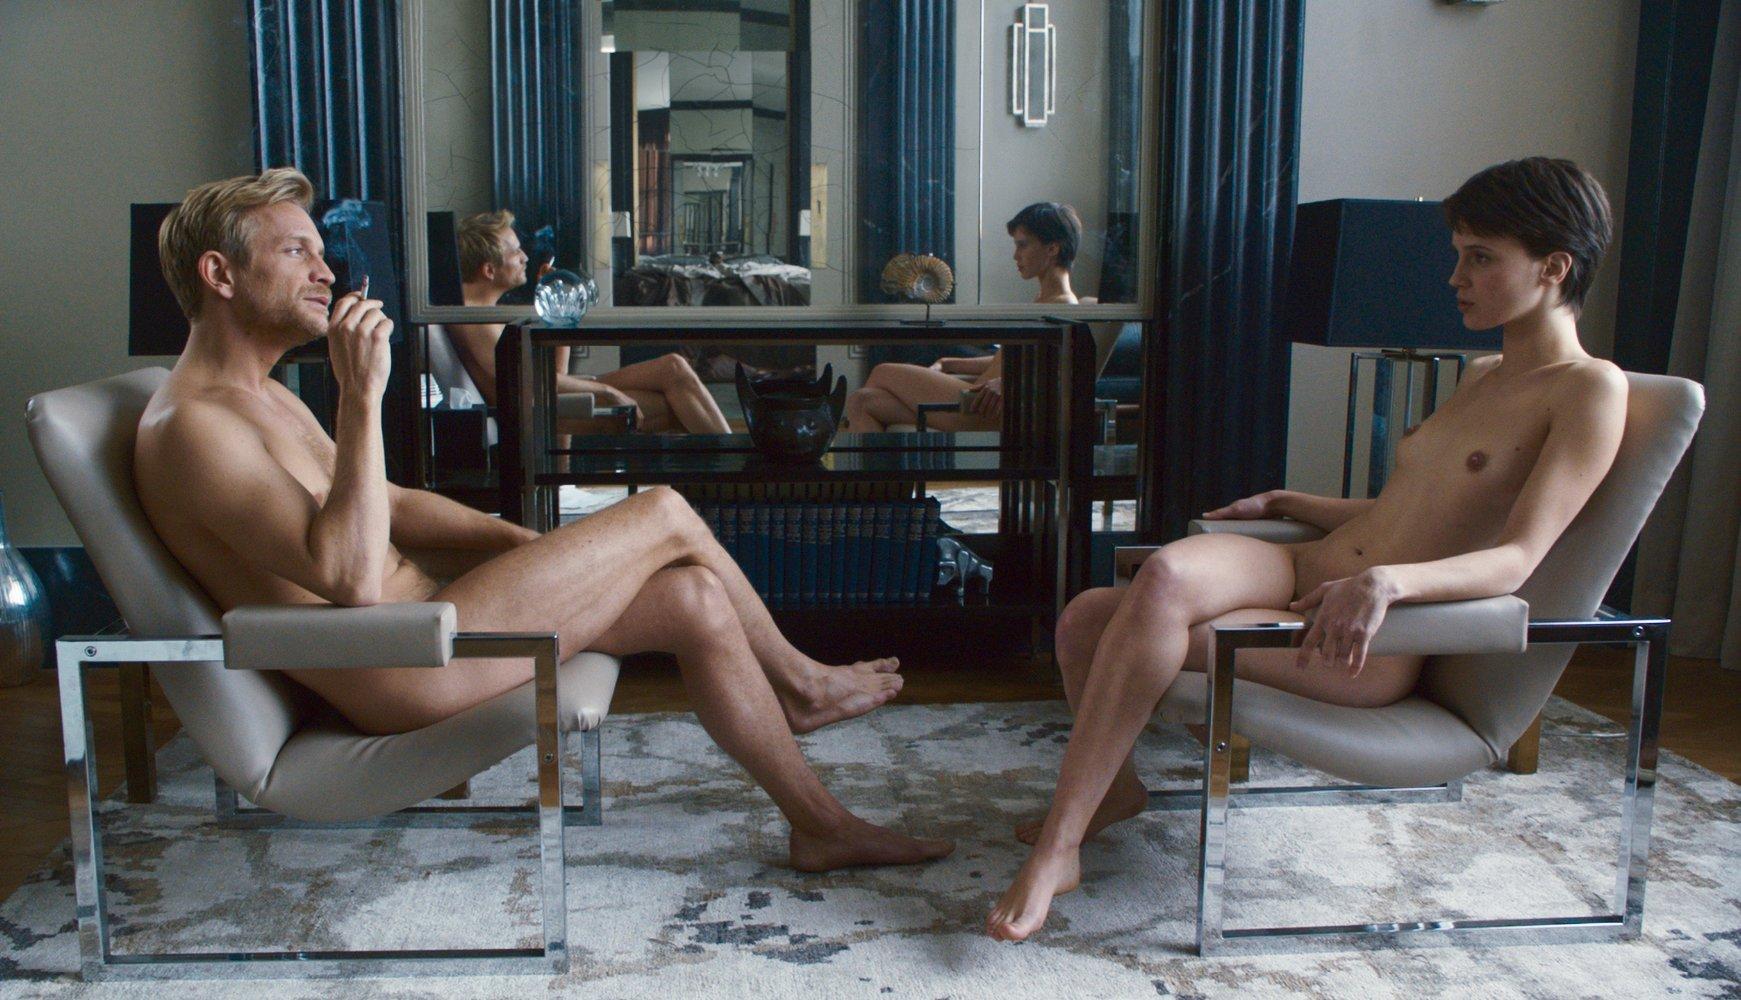 L'amant double: Jérémie Renier e Marine Vacth nudi in una scena